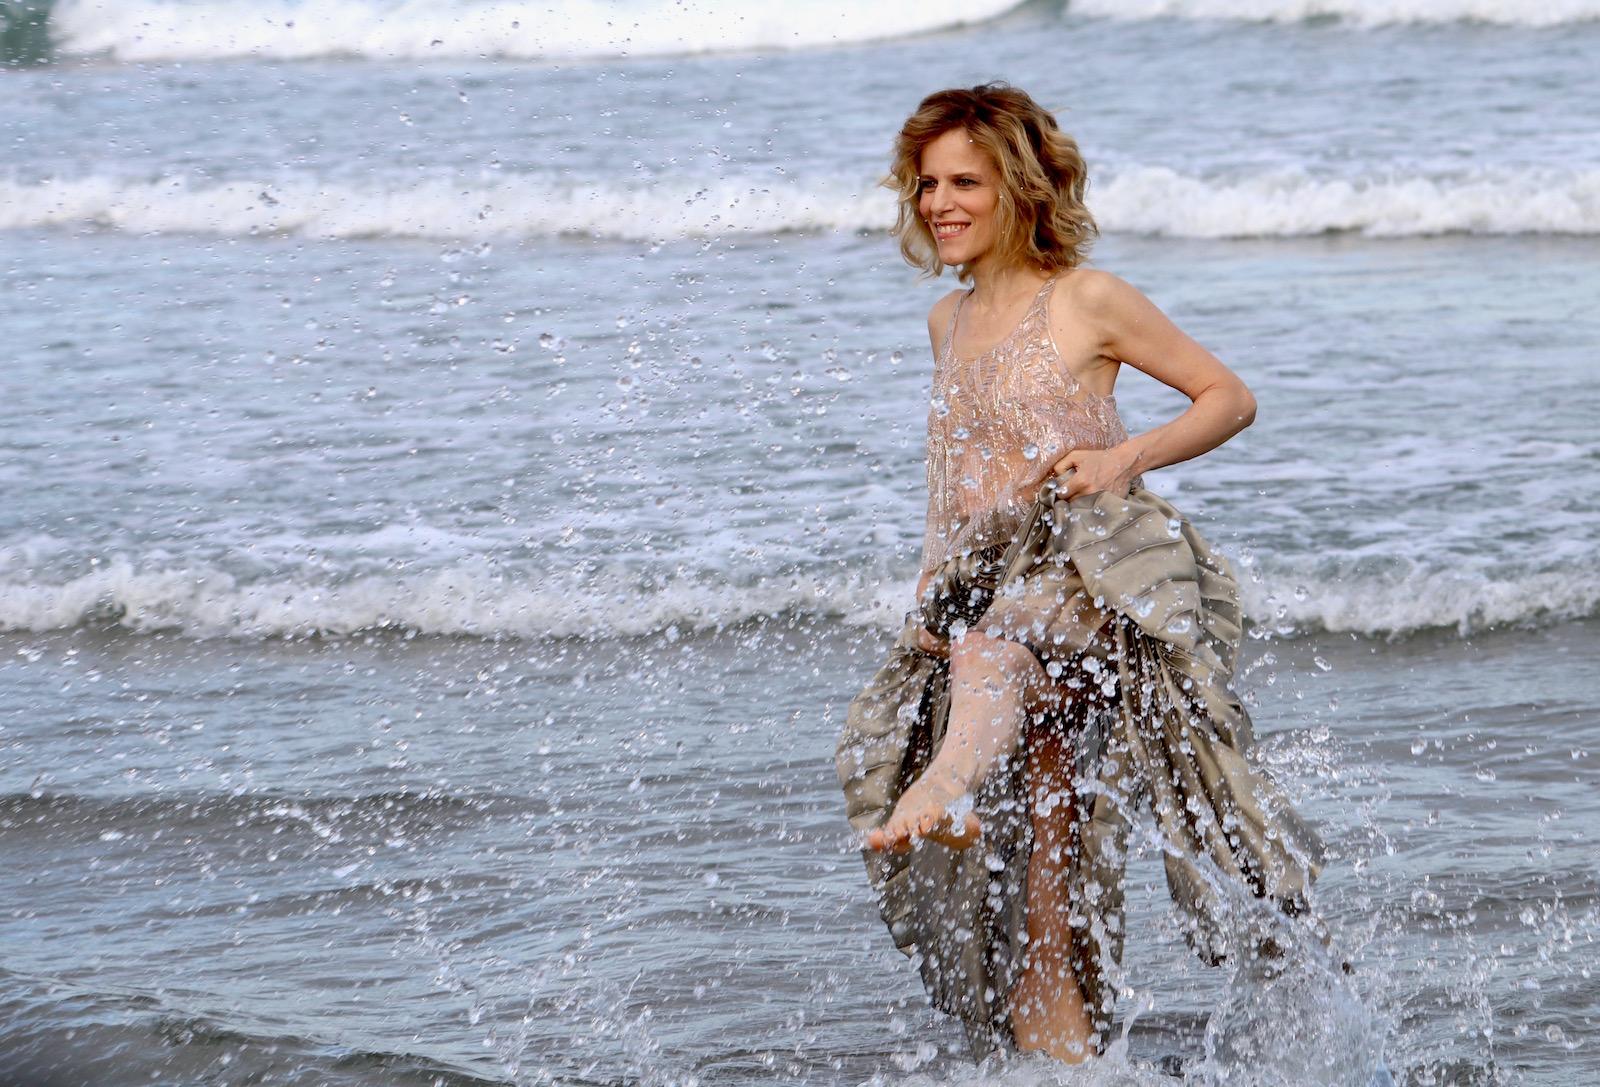 Venezia 2016: la madrina Sonia Bergamasco schizza acqua davanti ai fotografi